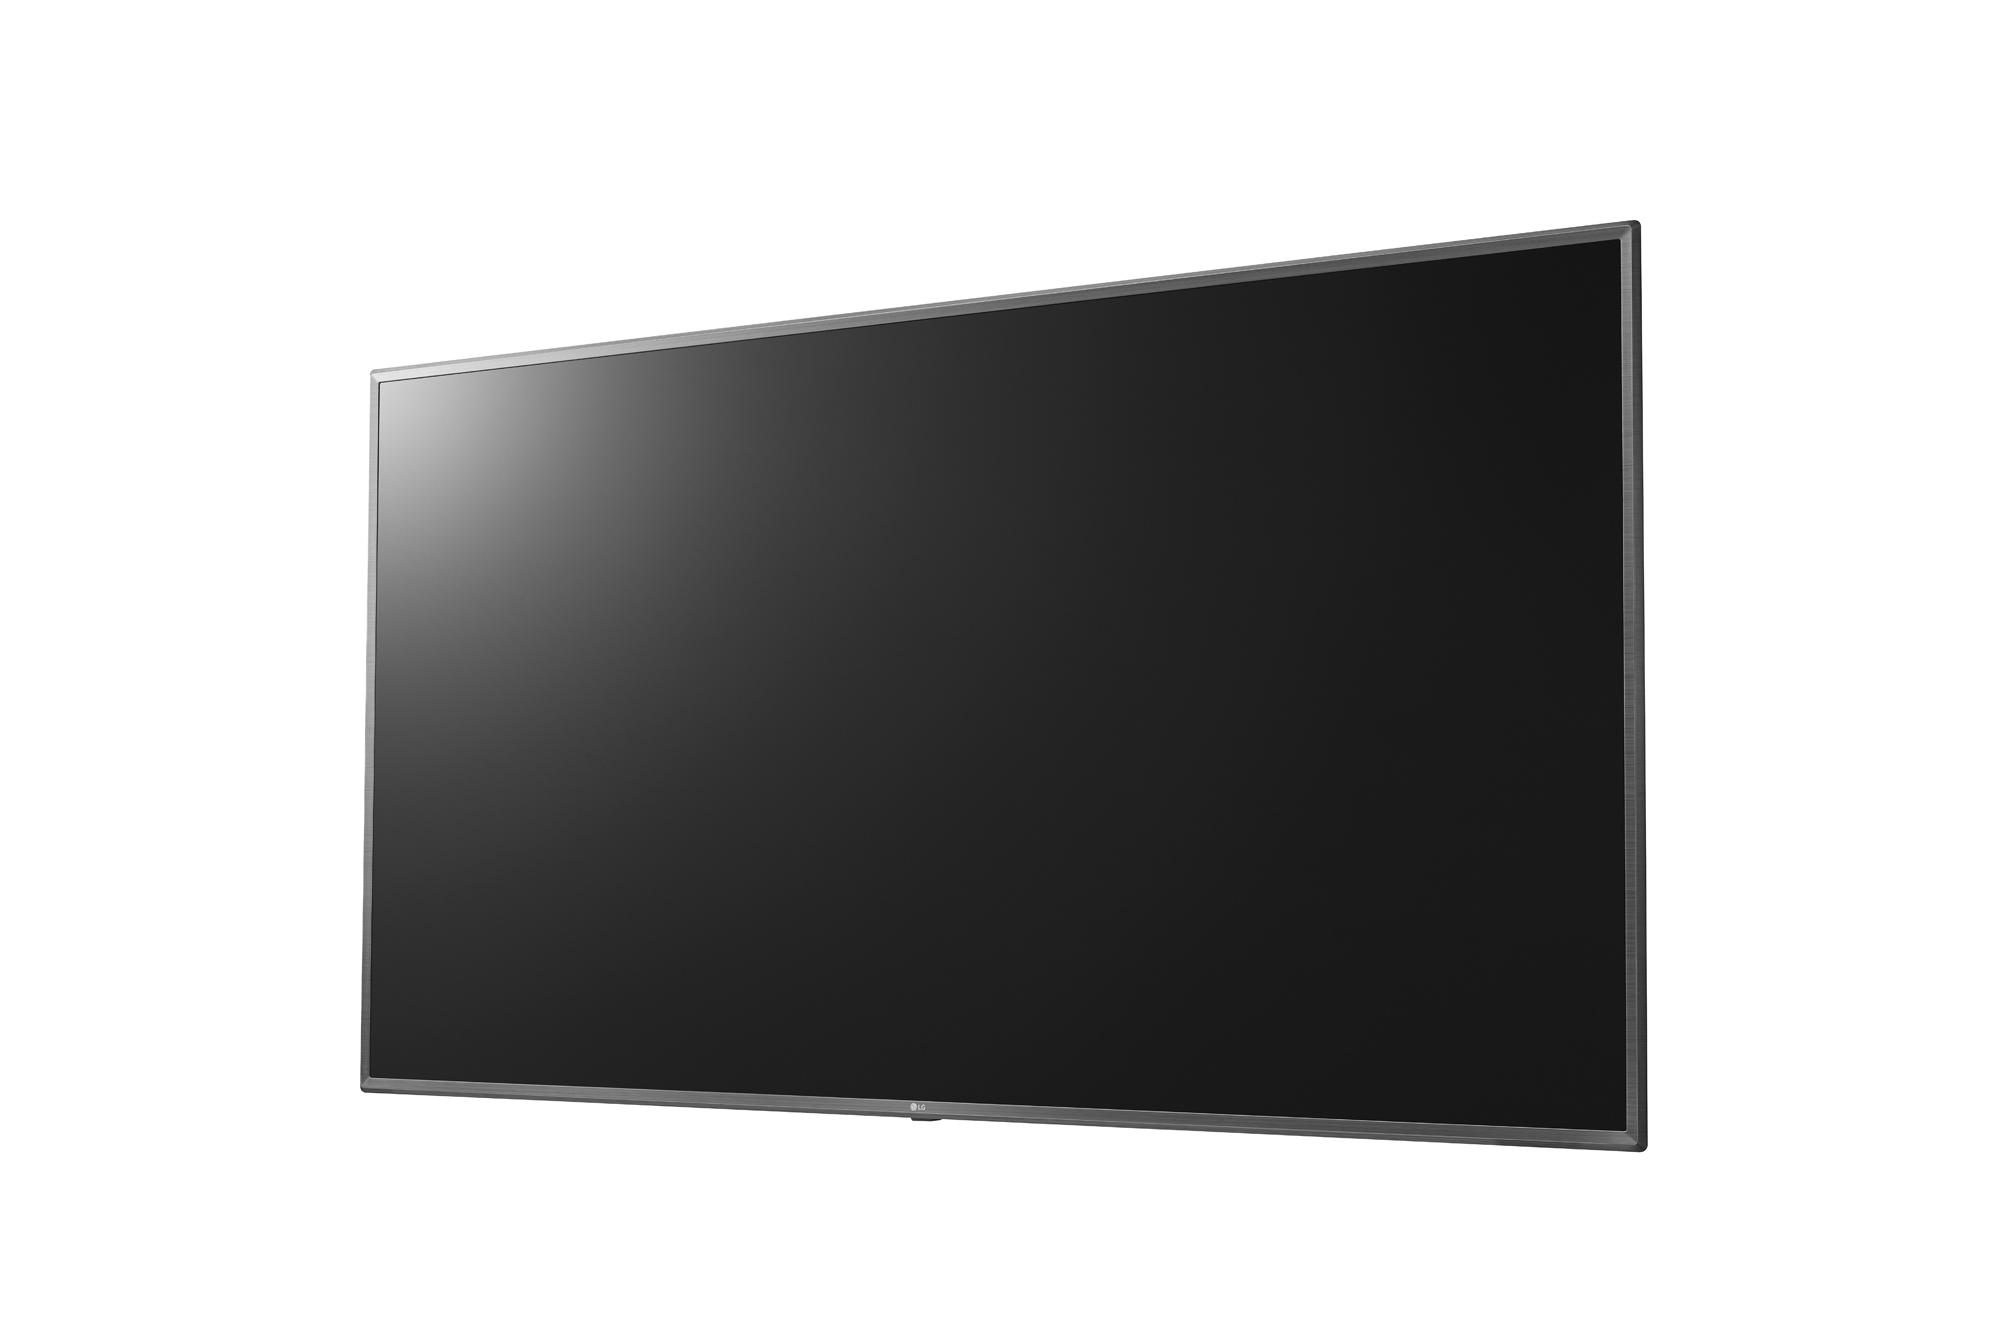 LG Standard Premium 86UL3G-B 3